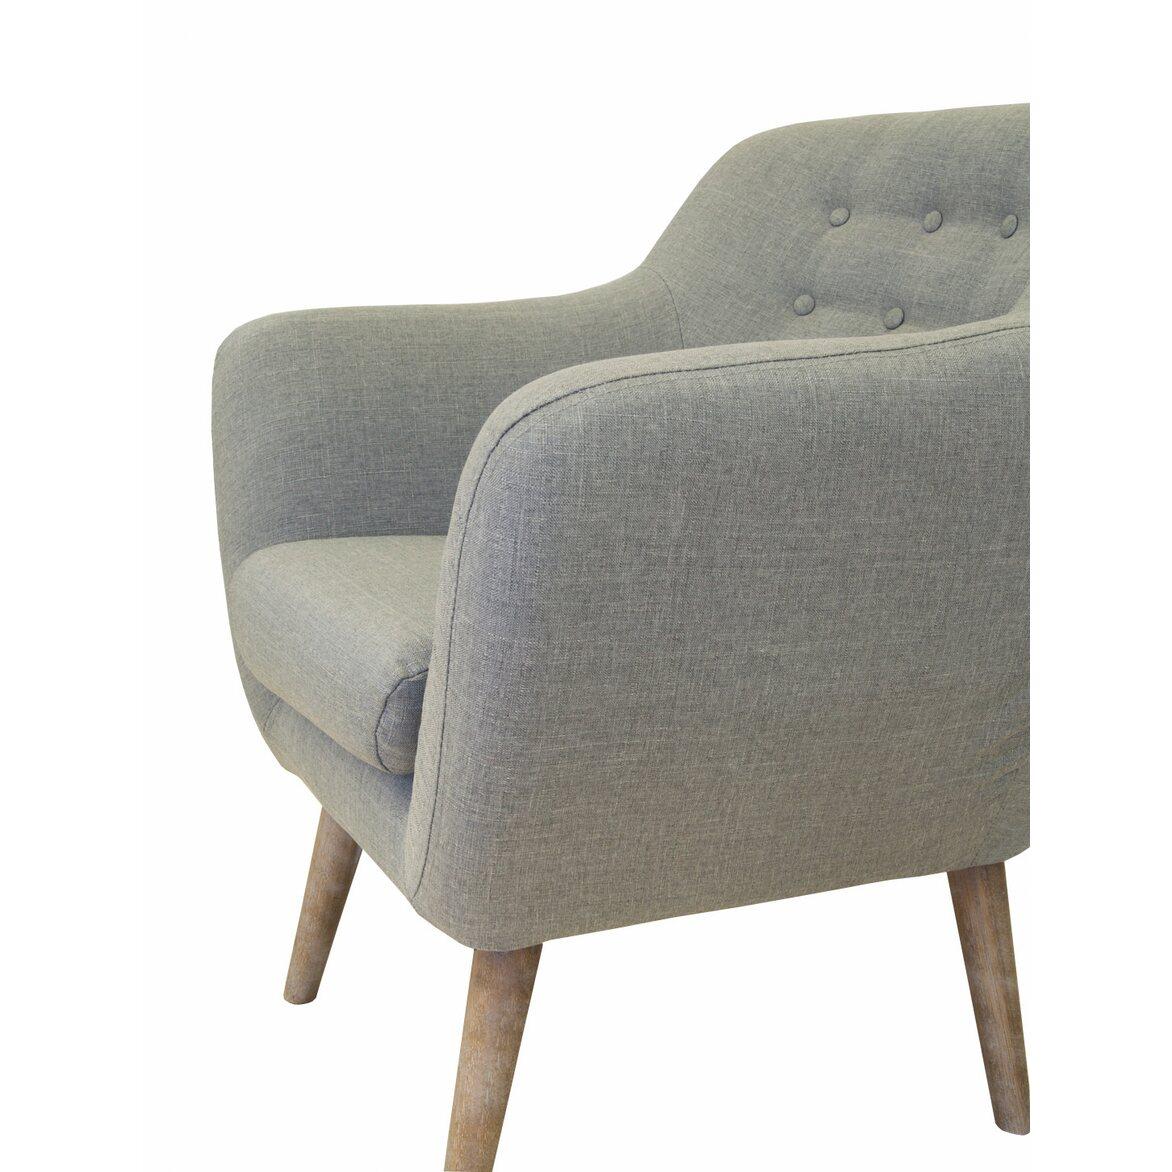 Низкое кресло Fuller grey 6 | Маленькие кресла Kingsby